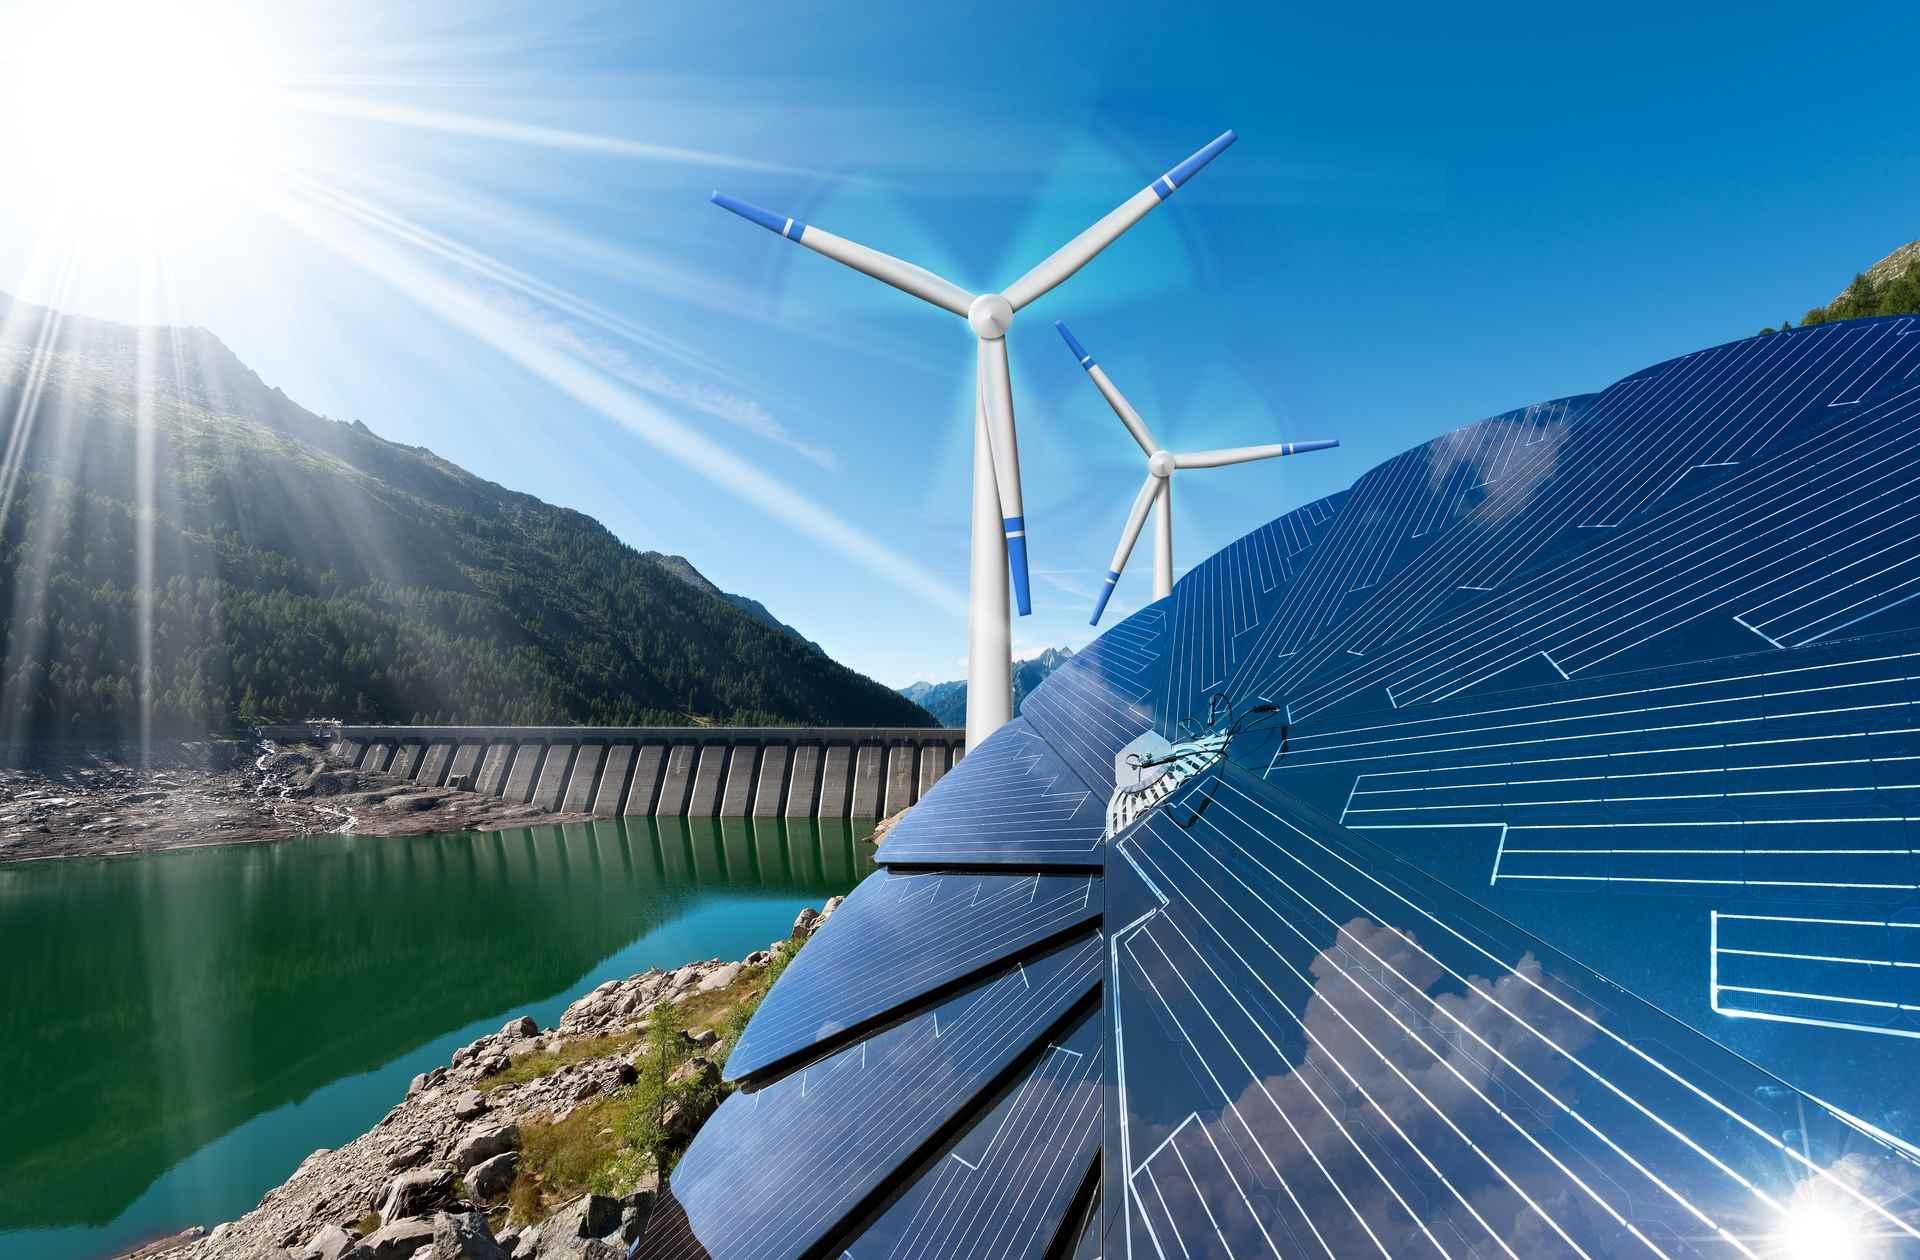 фото энергия солнца воды ветра делать